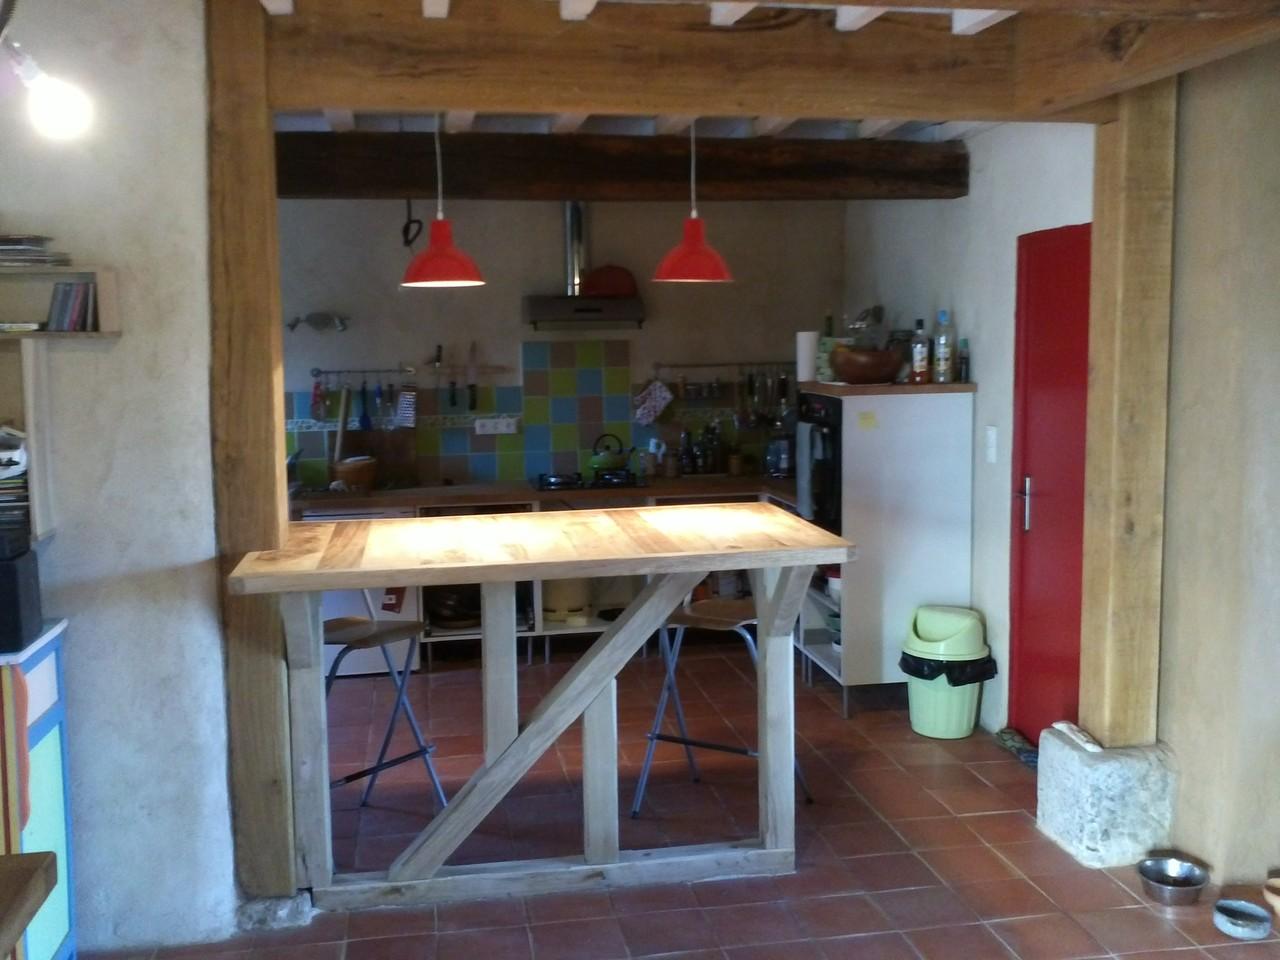 Réalisation d'un bar en chêne (colombage) et bois d'orme (plan de travail)